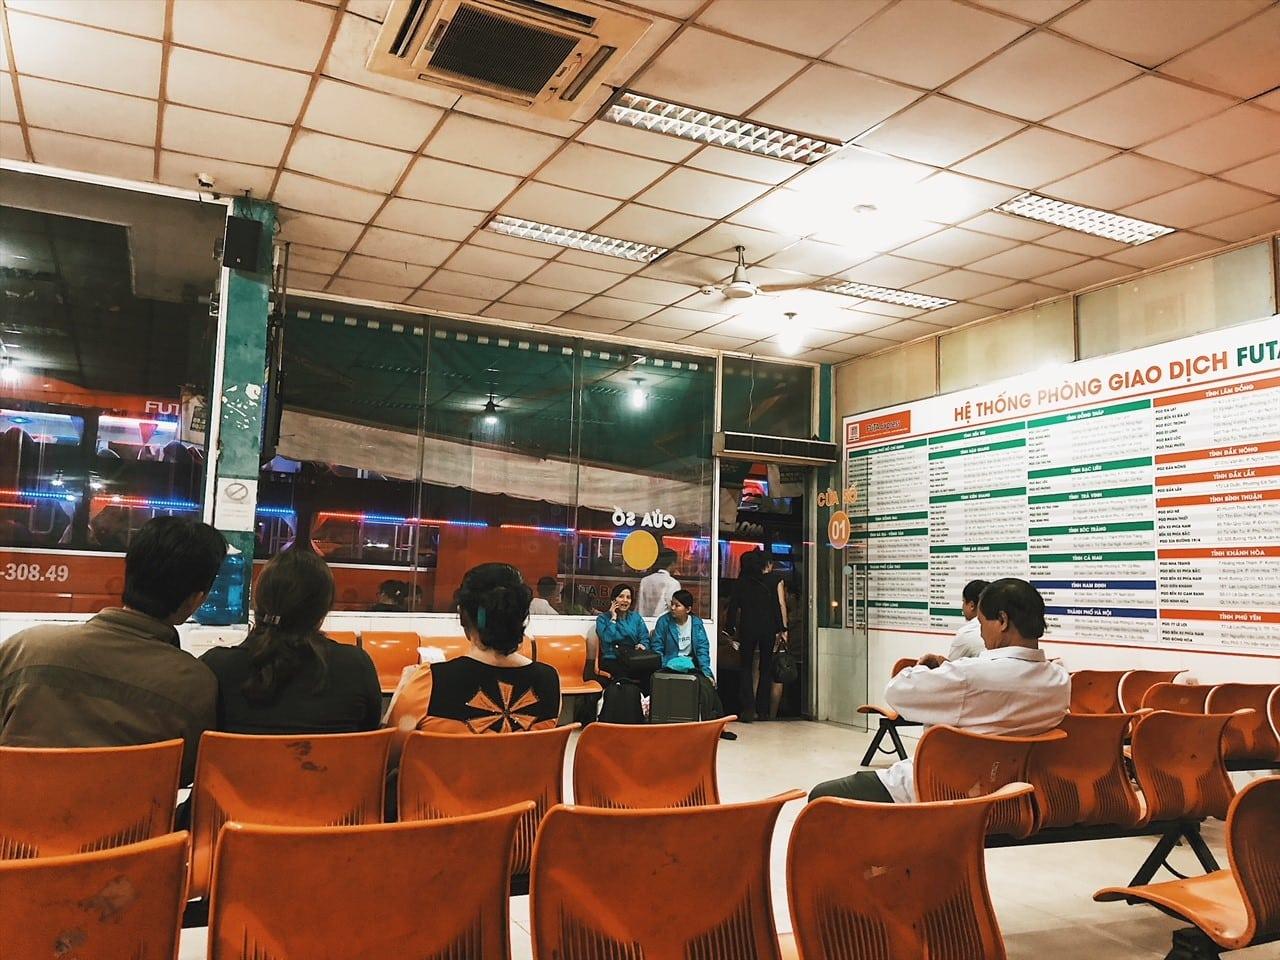 dworzec w sajgonie, czekamy na nocny autobus do rach gia w drodze na phu quoc, plastikowe krzesła, wietnamczycy, sala, rozkład jazdy, neverendingtravel